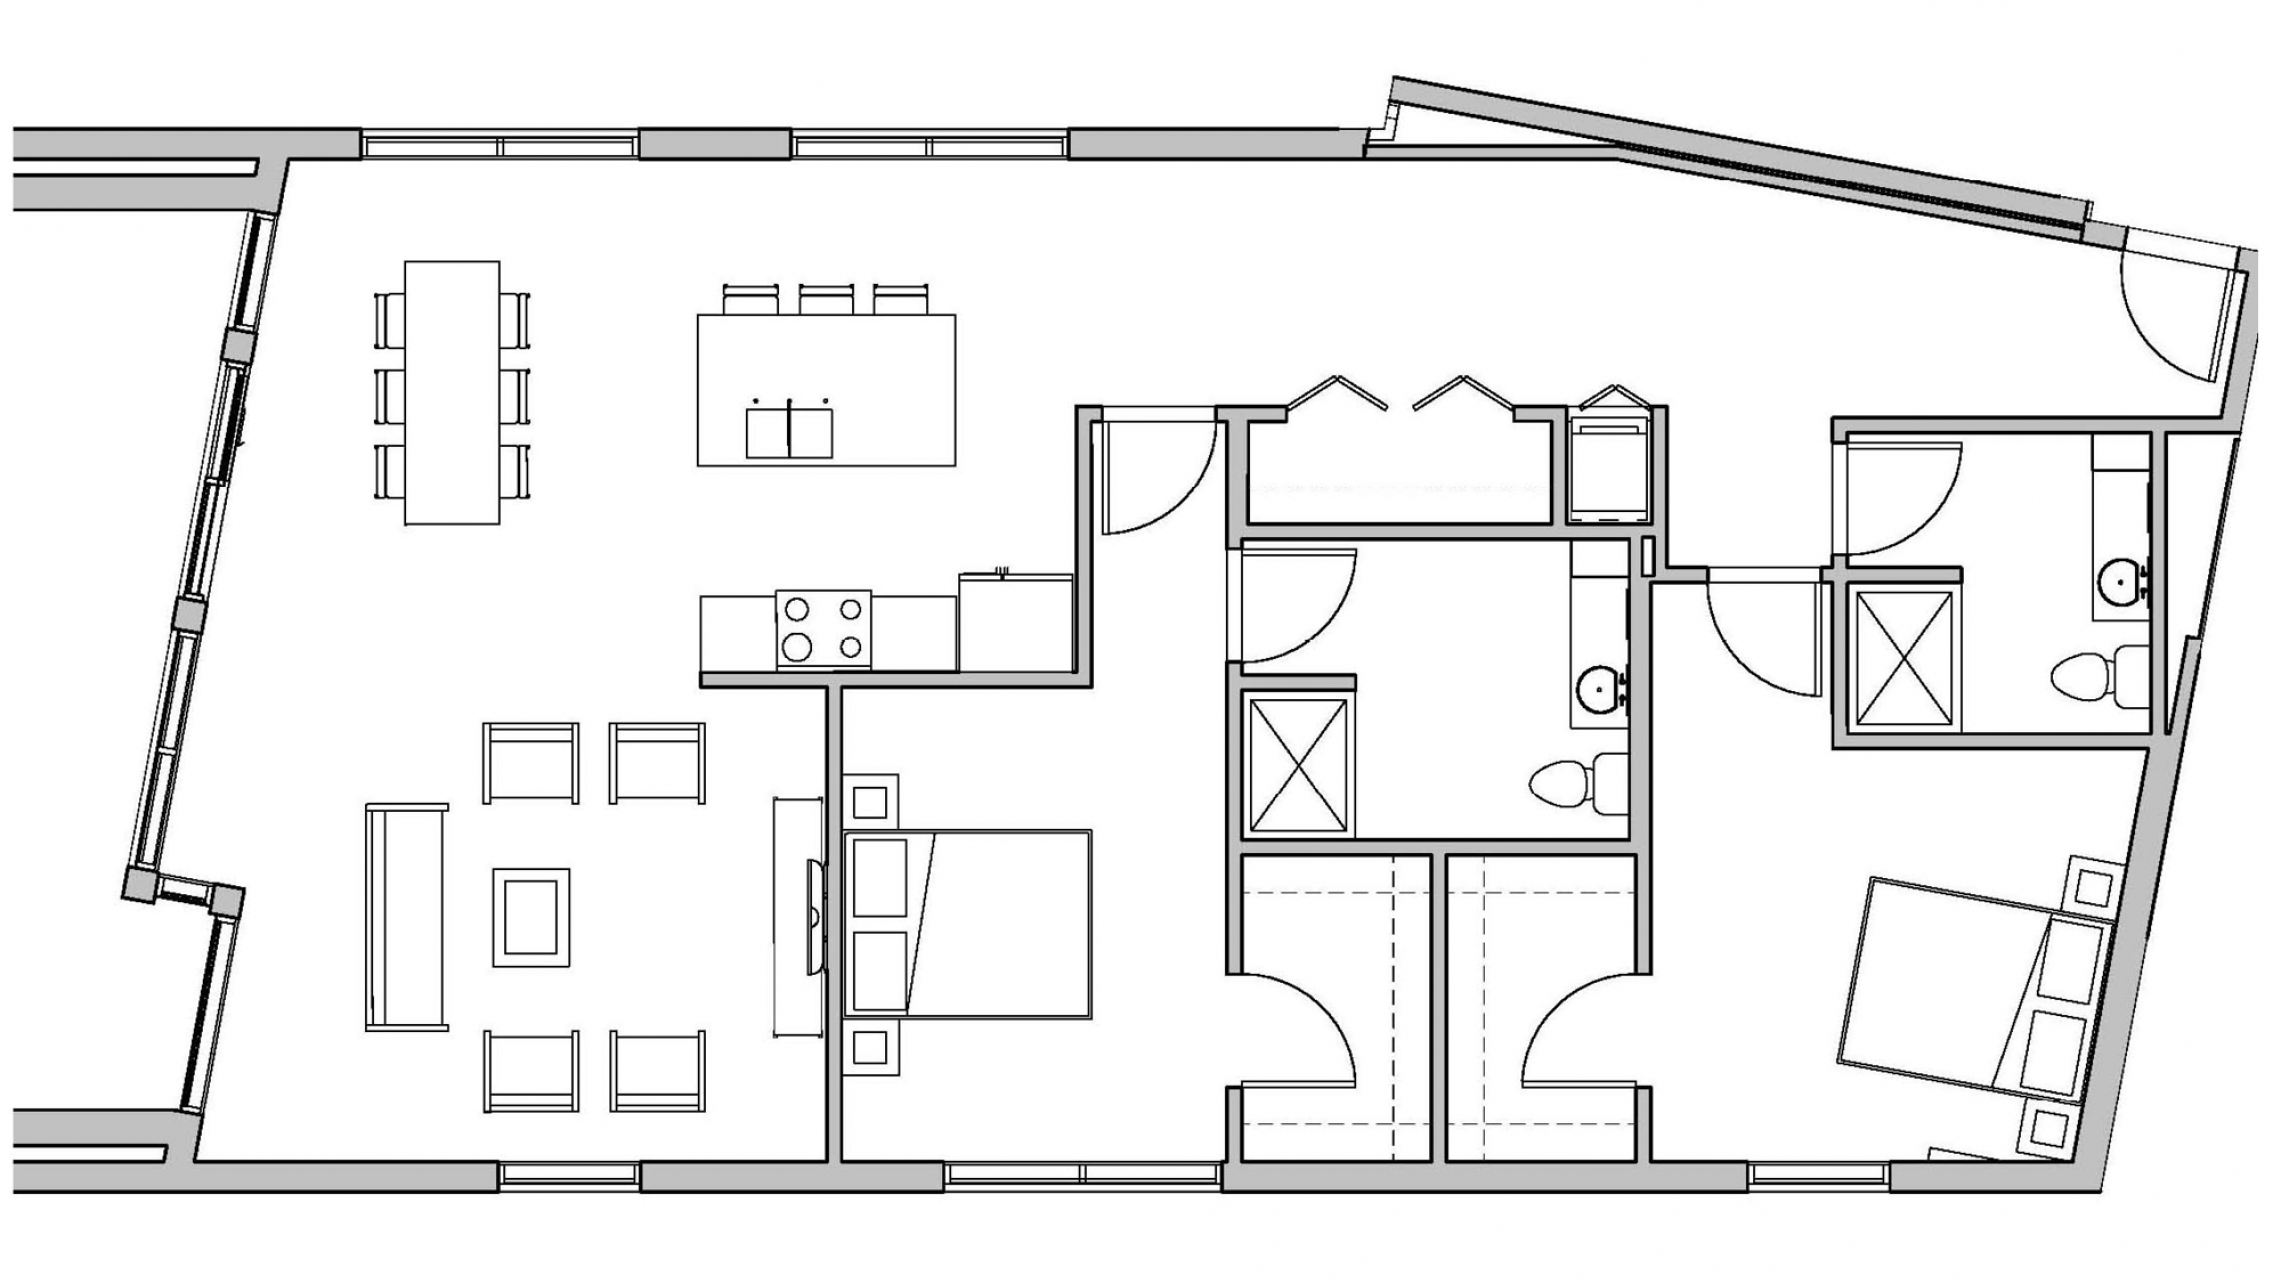 ULI Seven27 440 - Two Bedroom, Two Bathroom